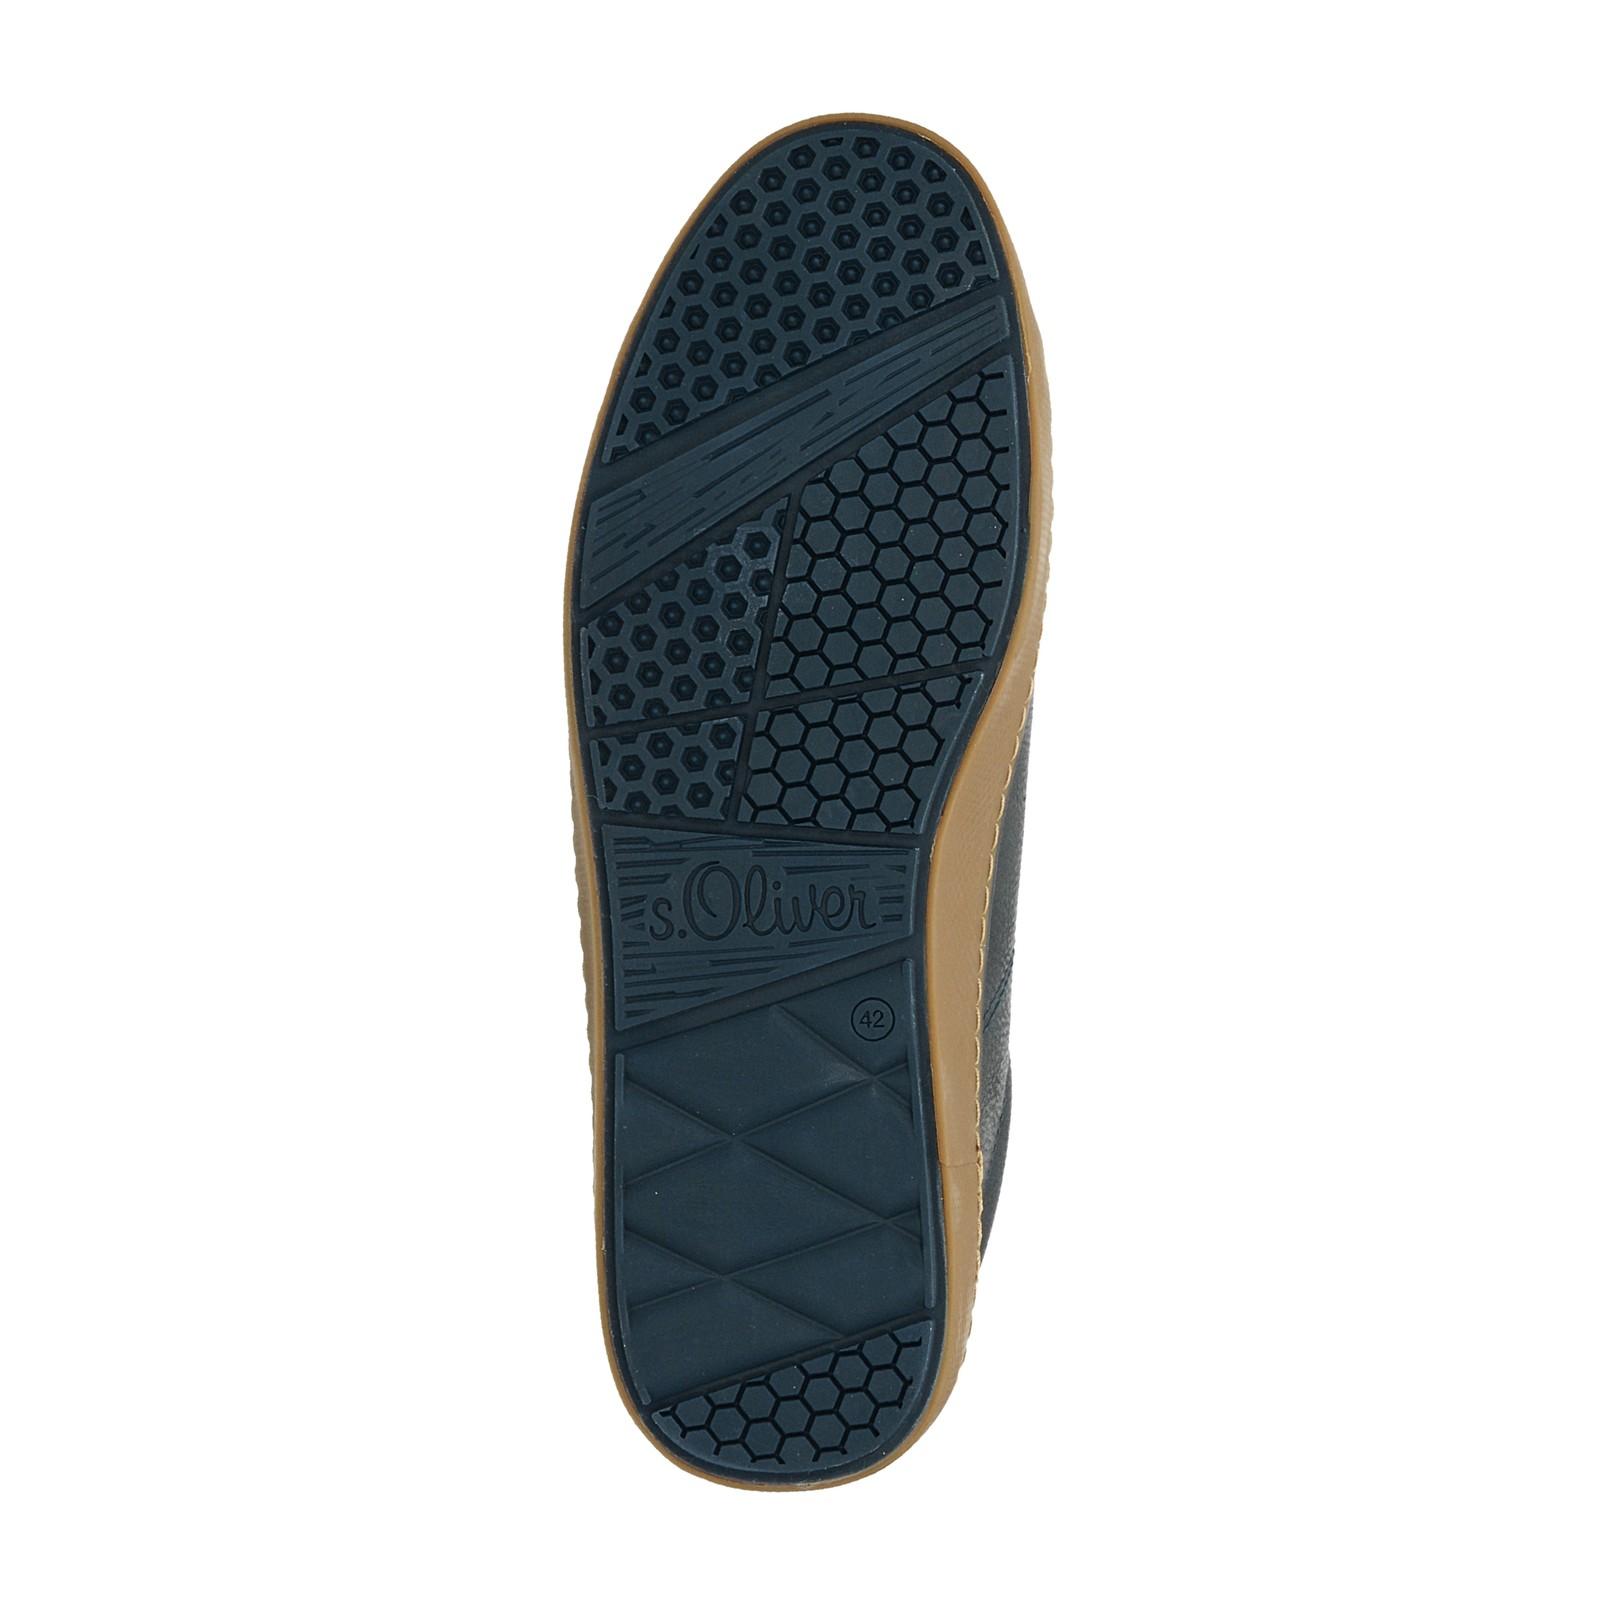 s.Oliver pánské pohodlné tenisky - tmavomodré